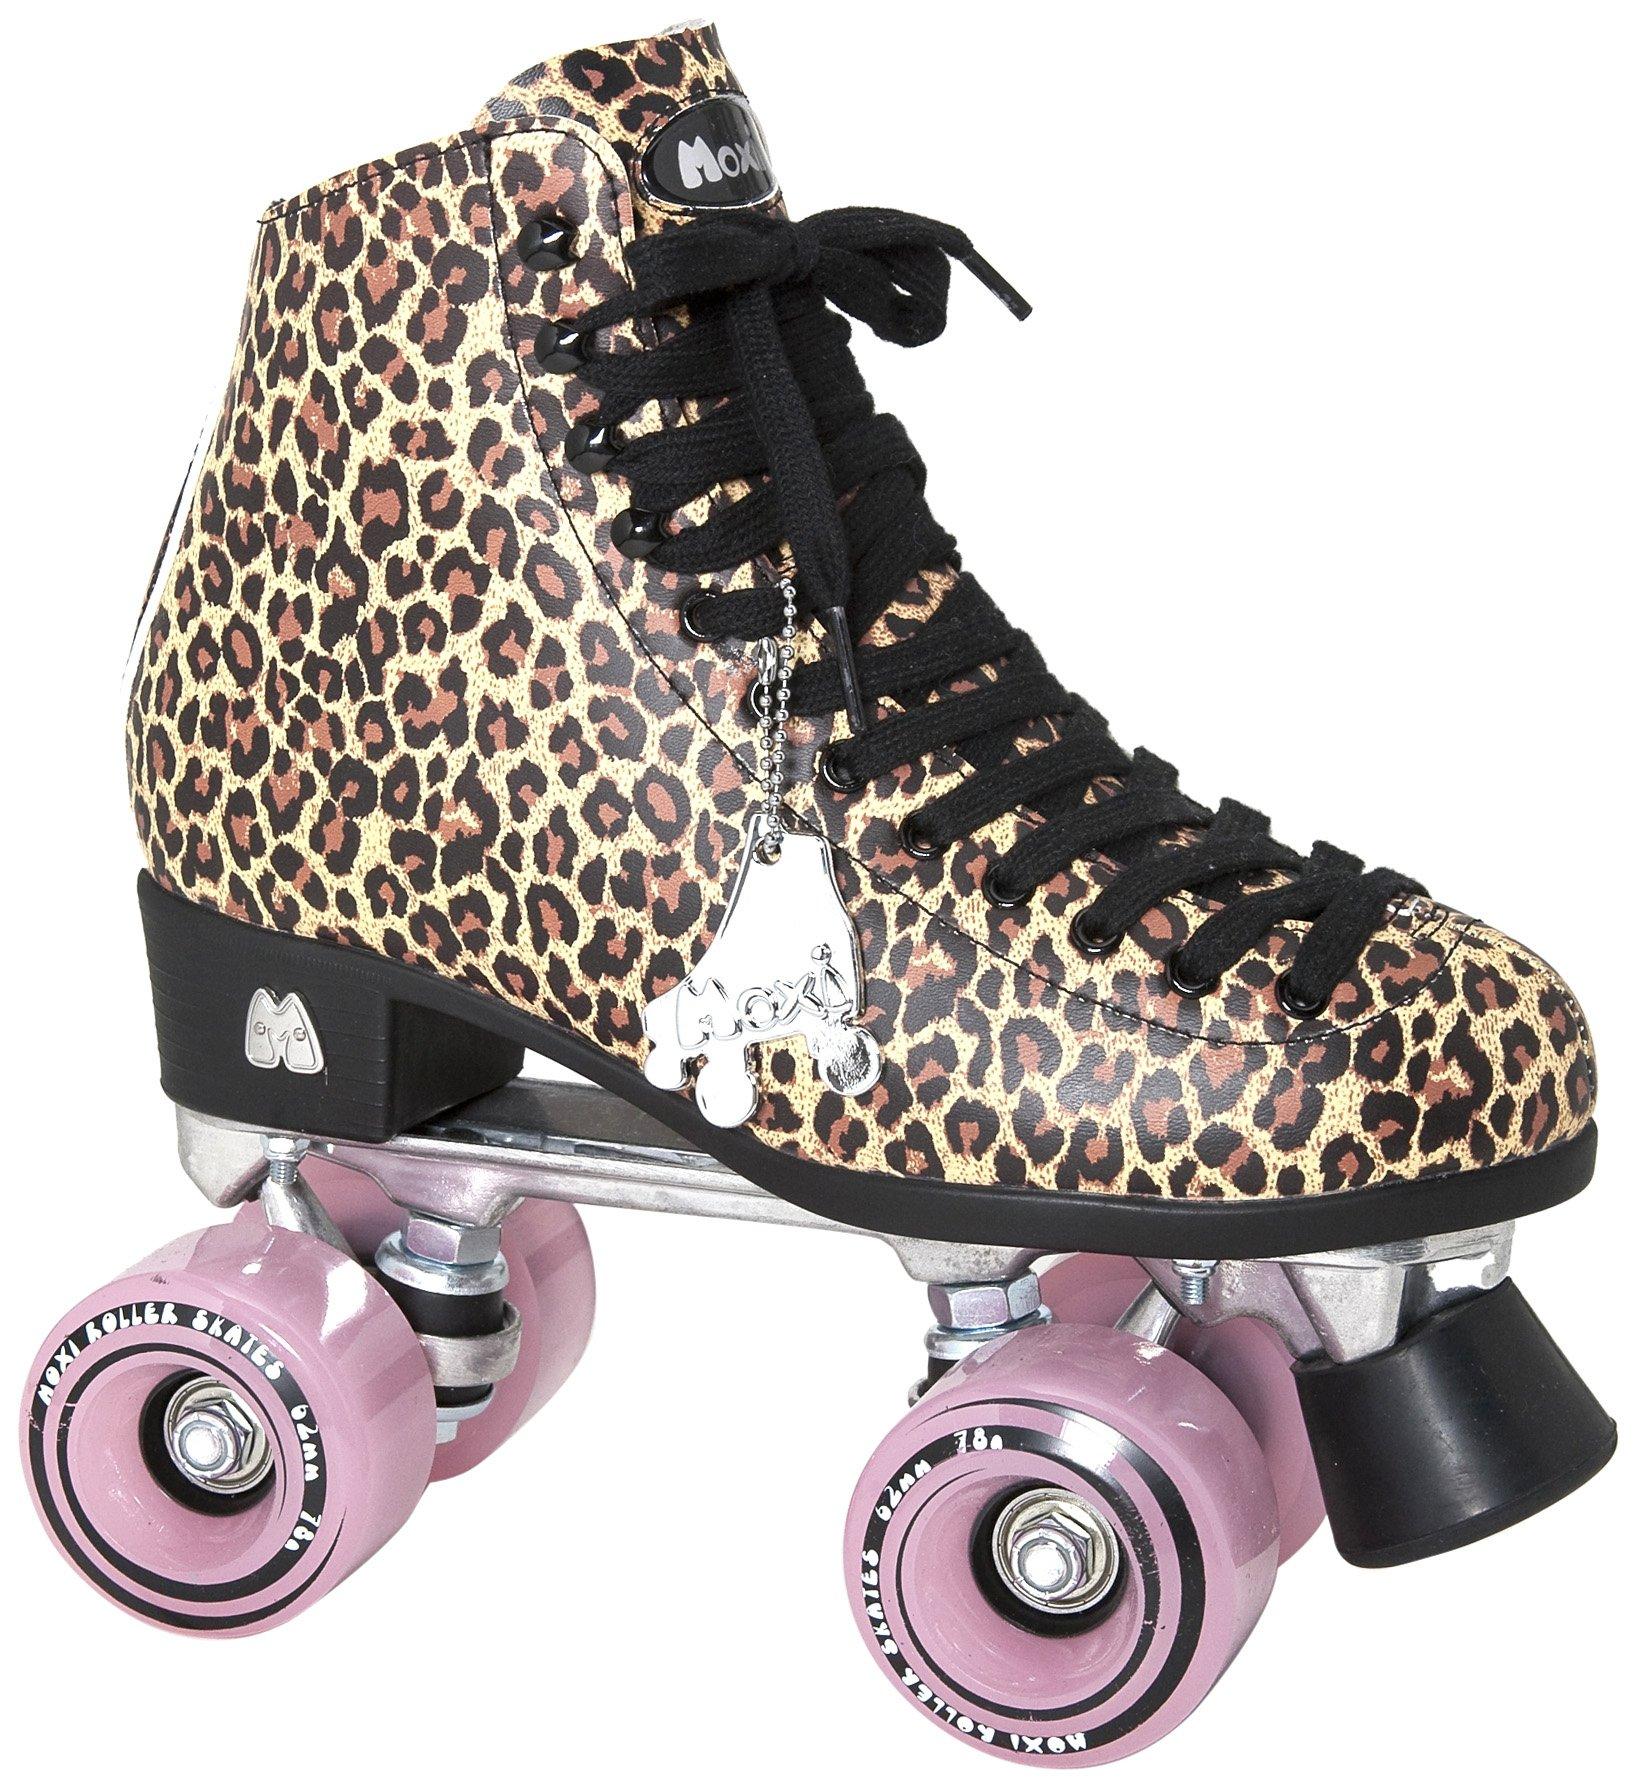 Moxi Roller Skates Ivy Roller Skates,Brown Leopard,5